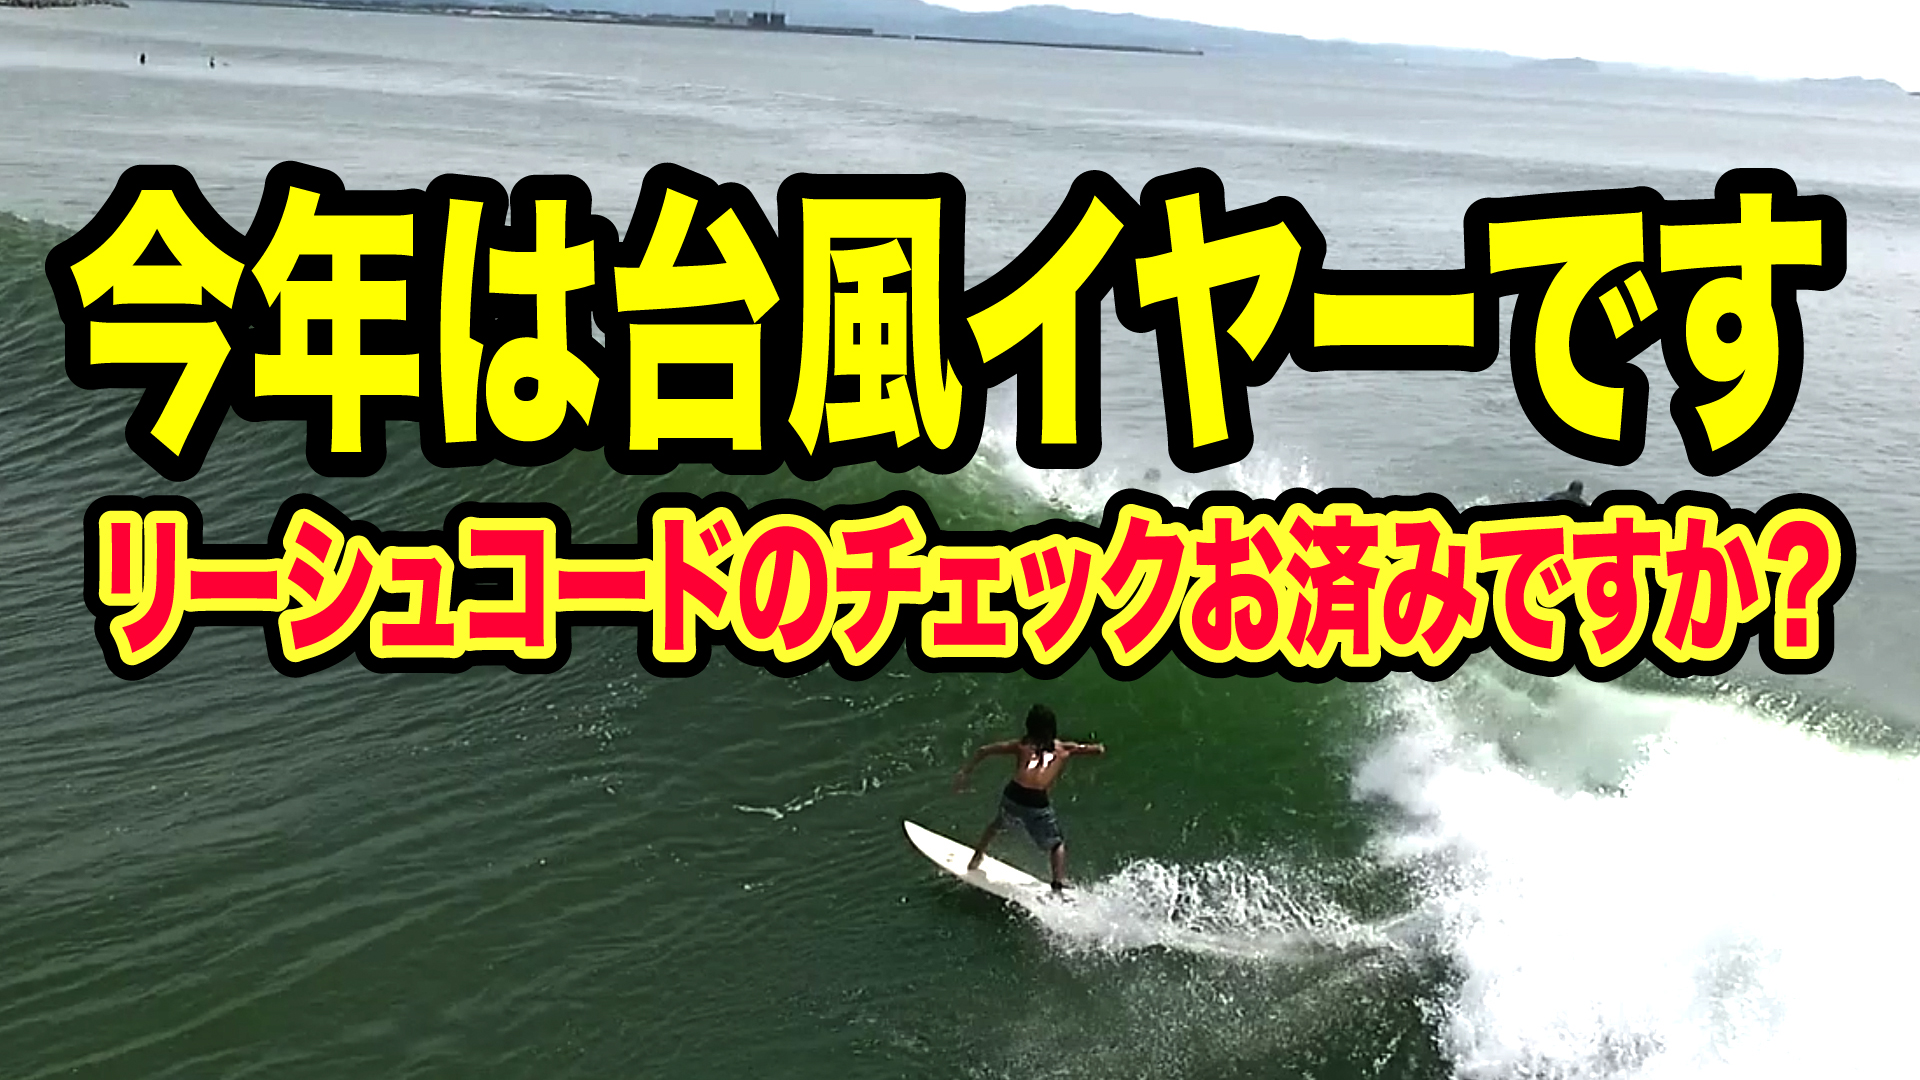 サーファーの皆様今年は台風イヤーです。でも、サーフィンに行かない勇気も必要です。